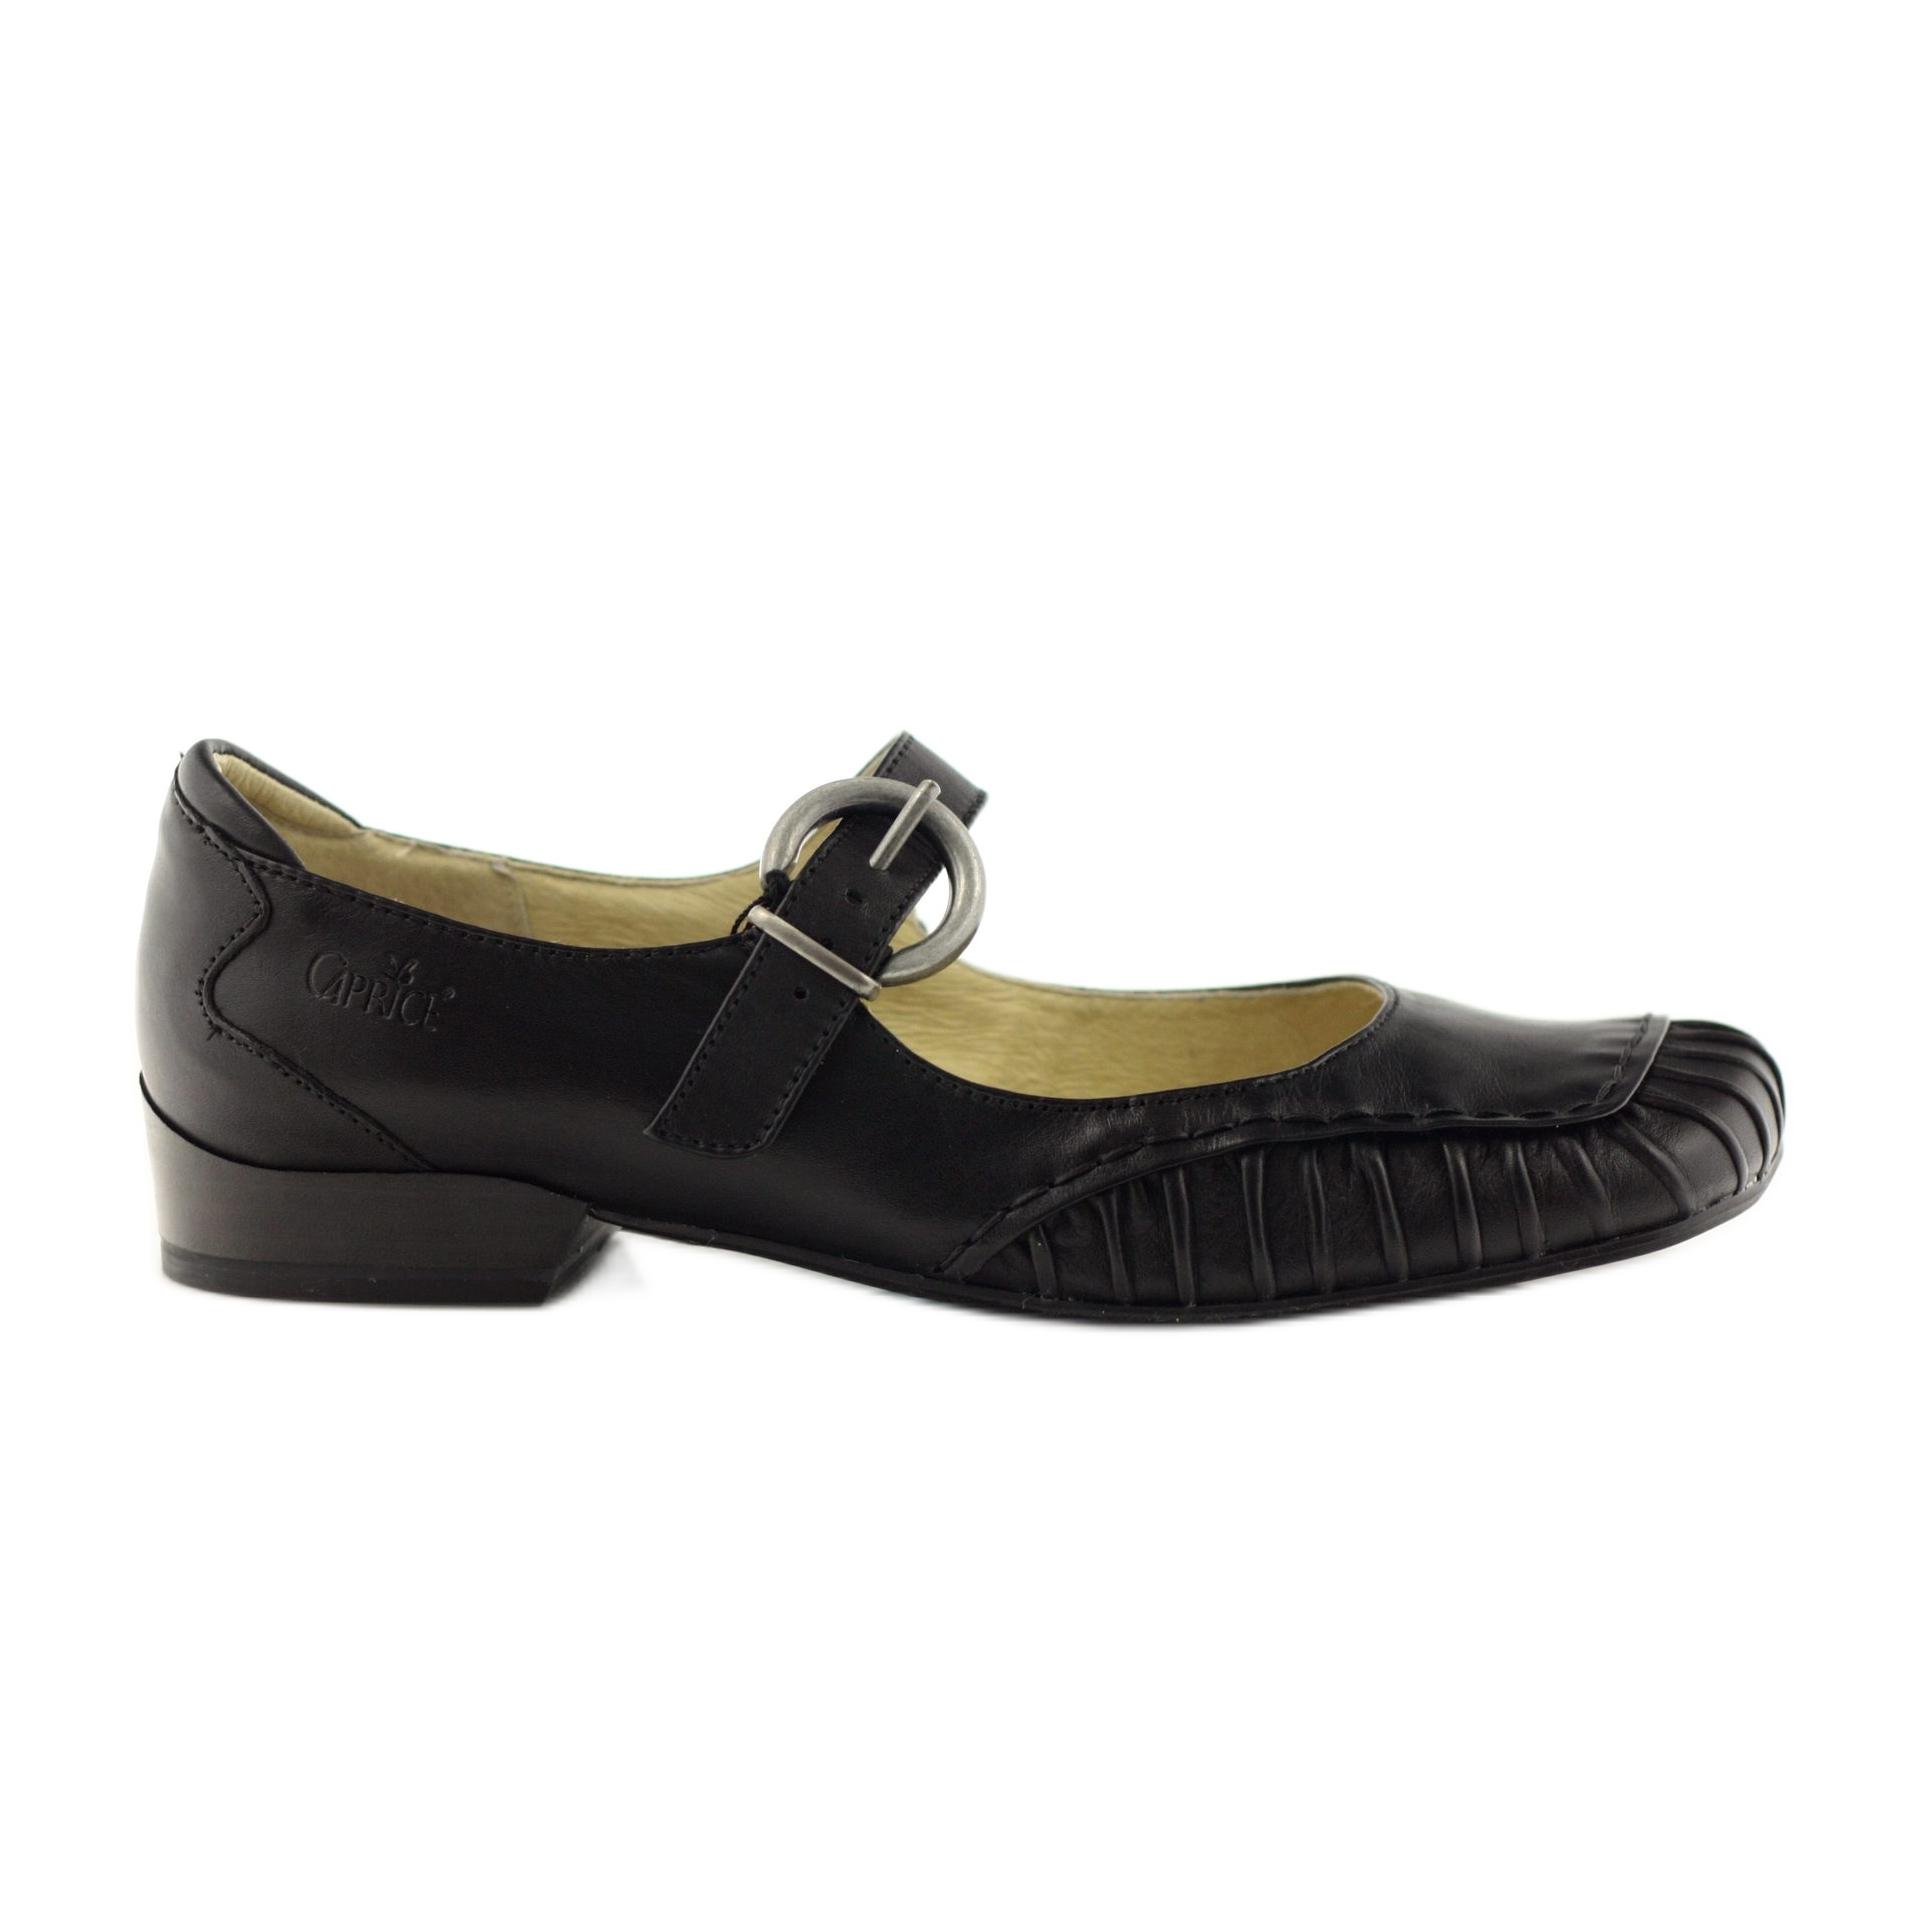 newest a37a5 20242 Schwarz Caprice Schuhe Leder Damenschuhe für Gurt 24206